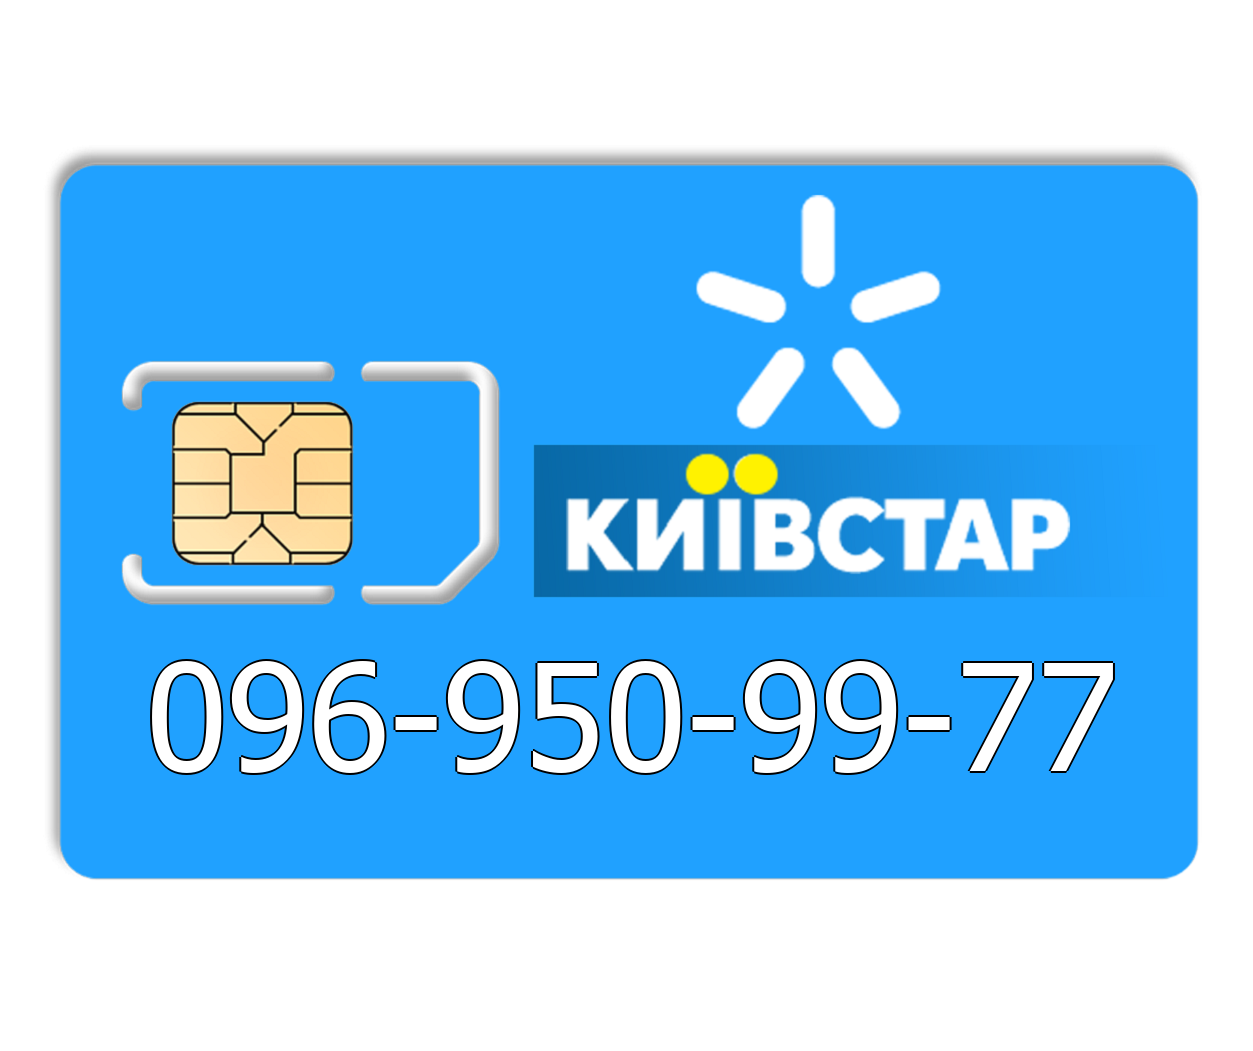 Красивый номер Киевстар 096-950-99-77